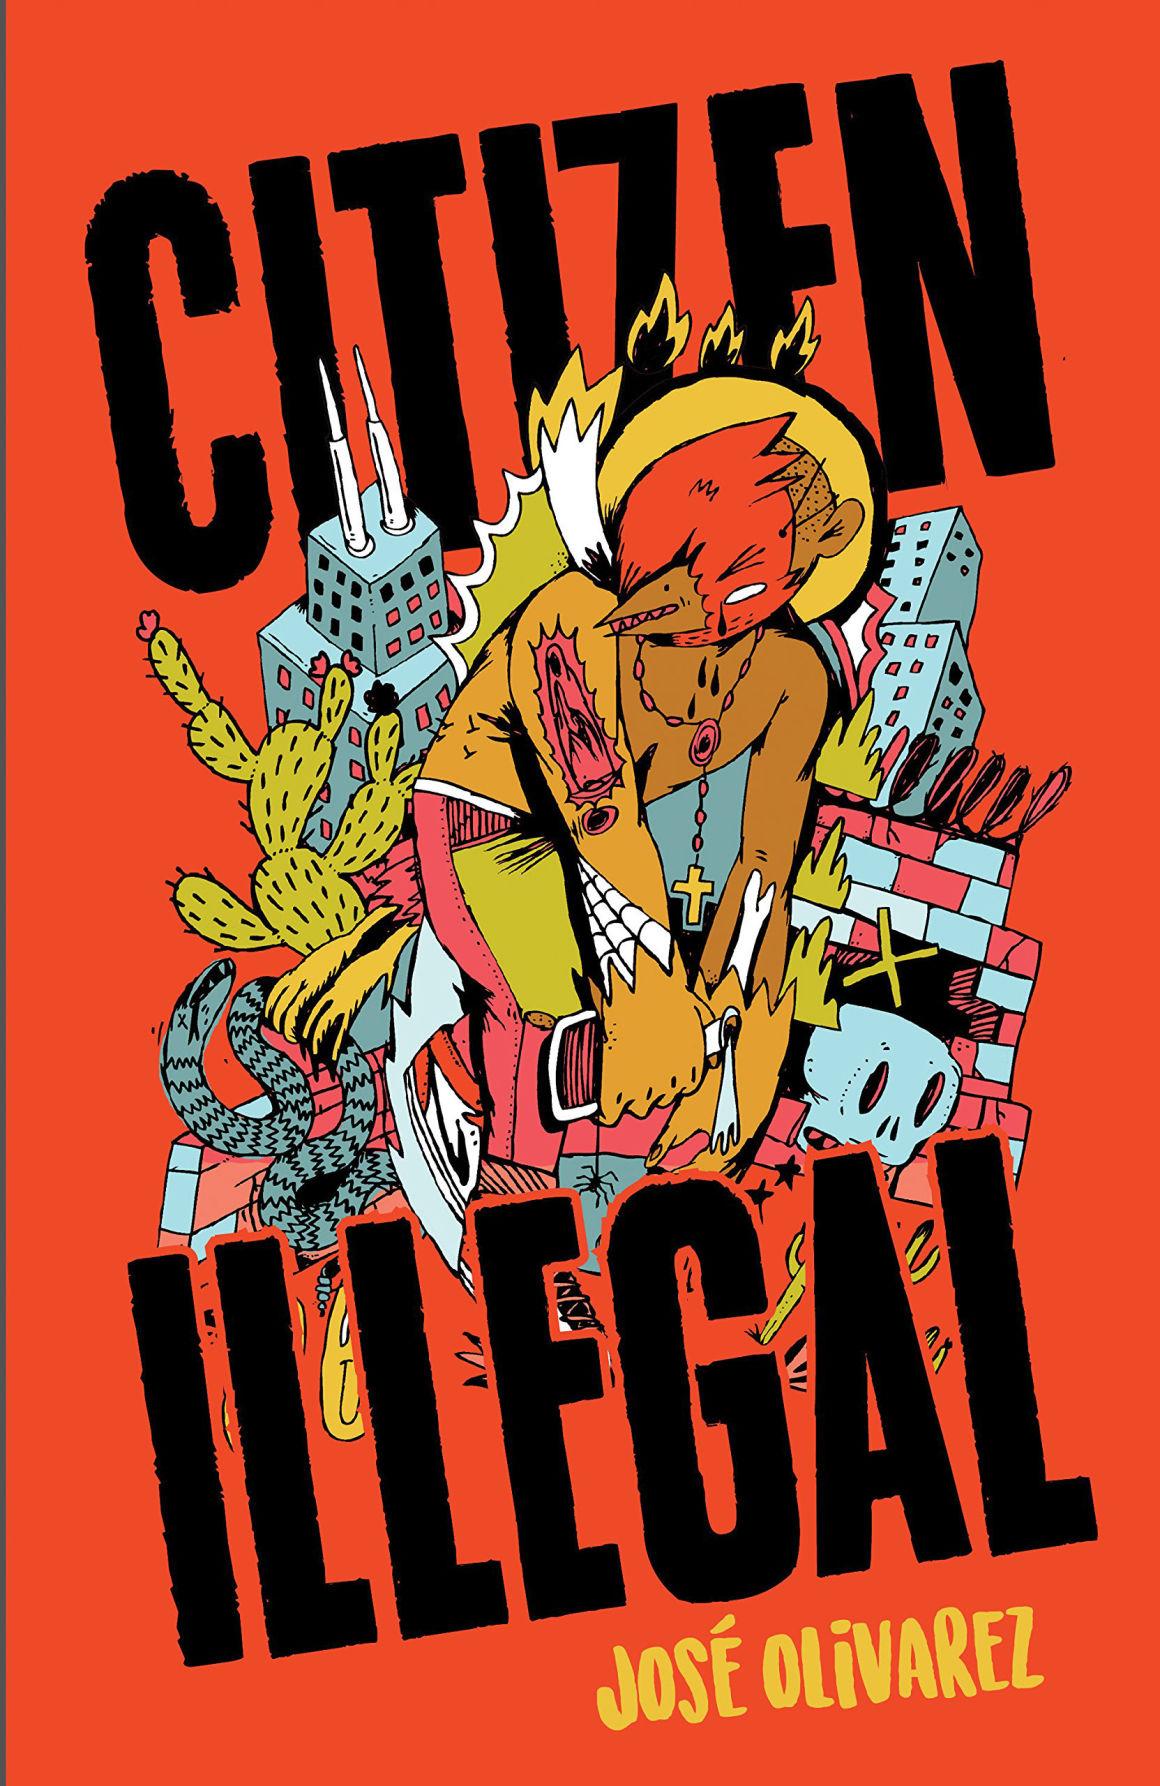 CDP 0317 life book fest - Olivarez, Citizen Illegal cover.jpg